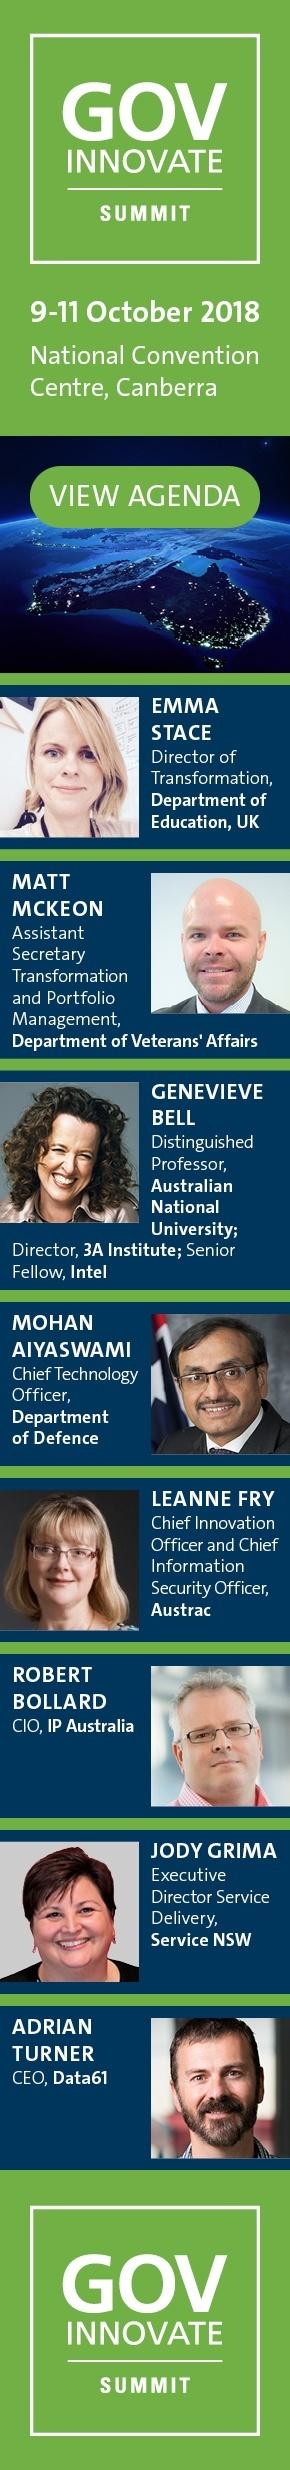 http://www.govinnovate.com.au